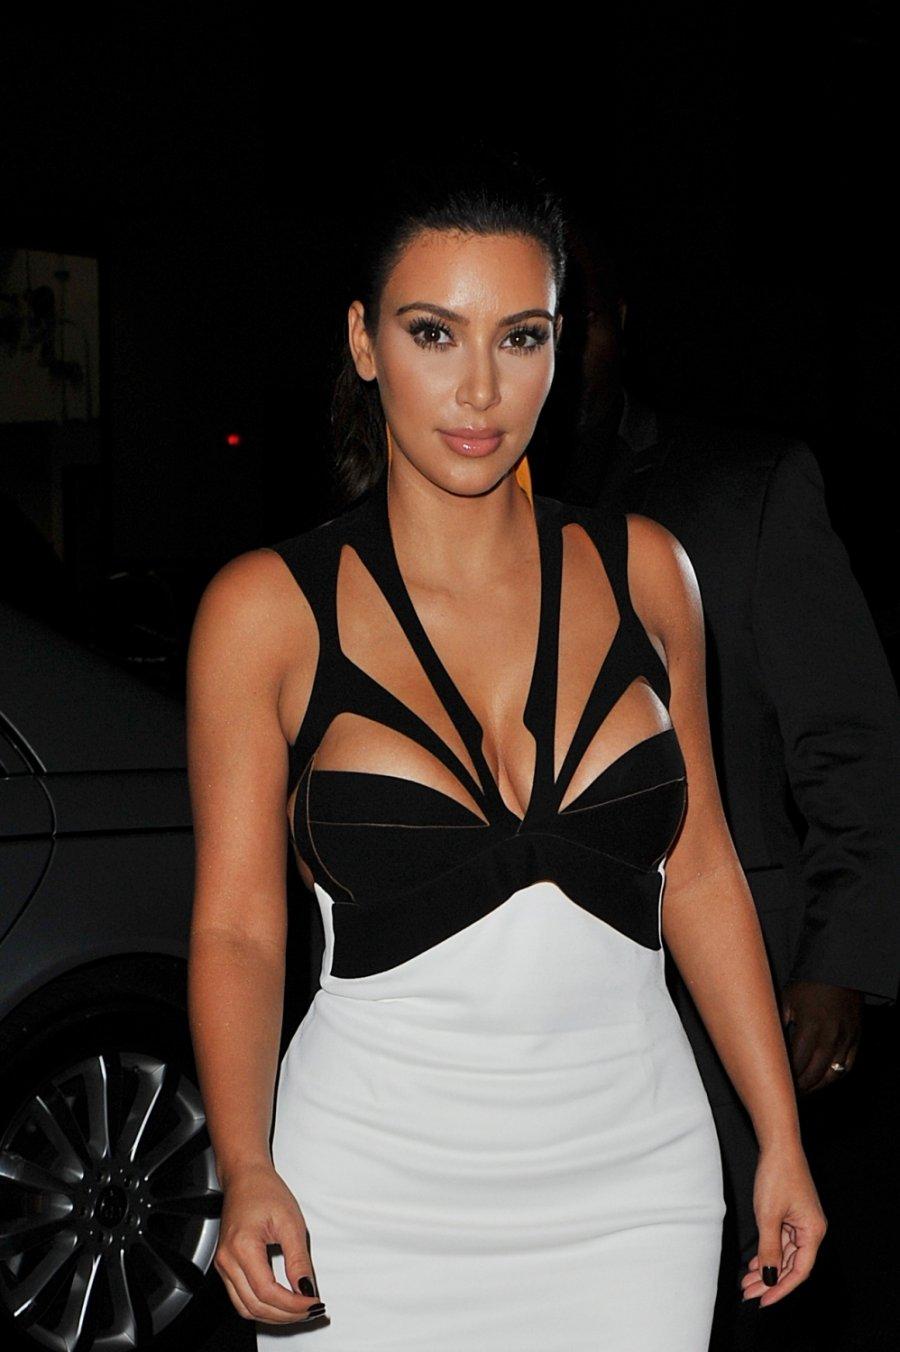 Ким Кардашьян оголилась на вечеринке в Лос-Анджелесе: обнаженные фото звезды взорвали сеть рекомендации